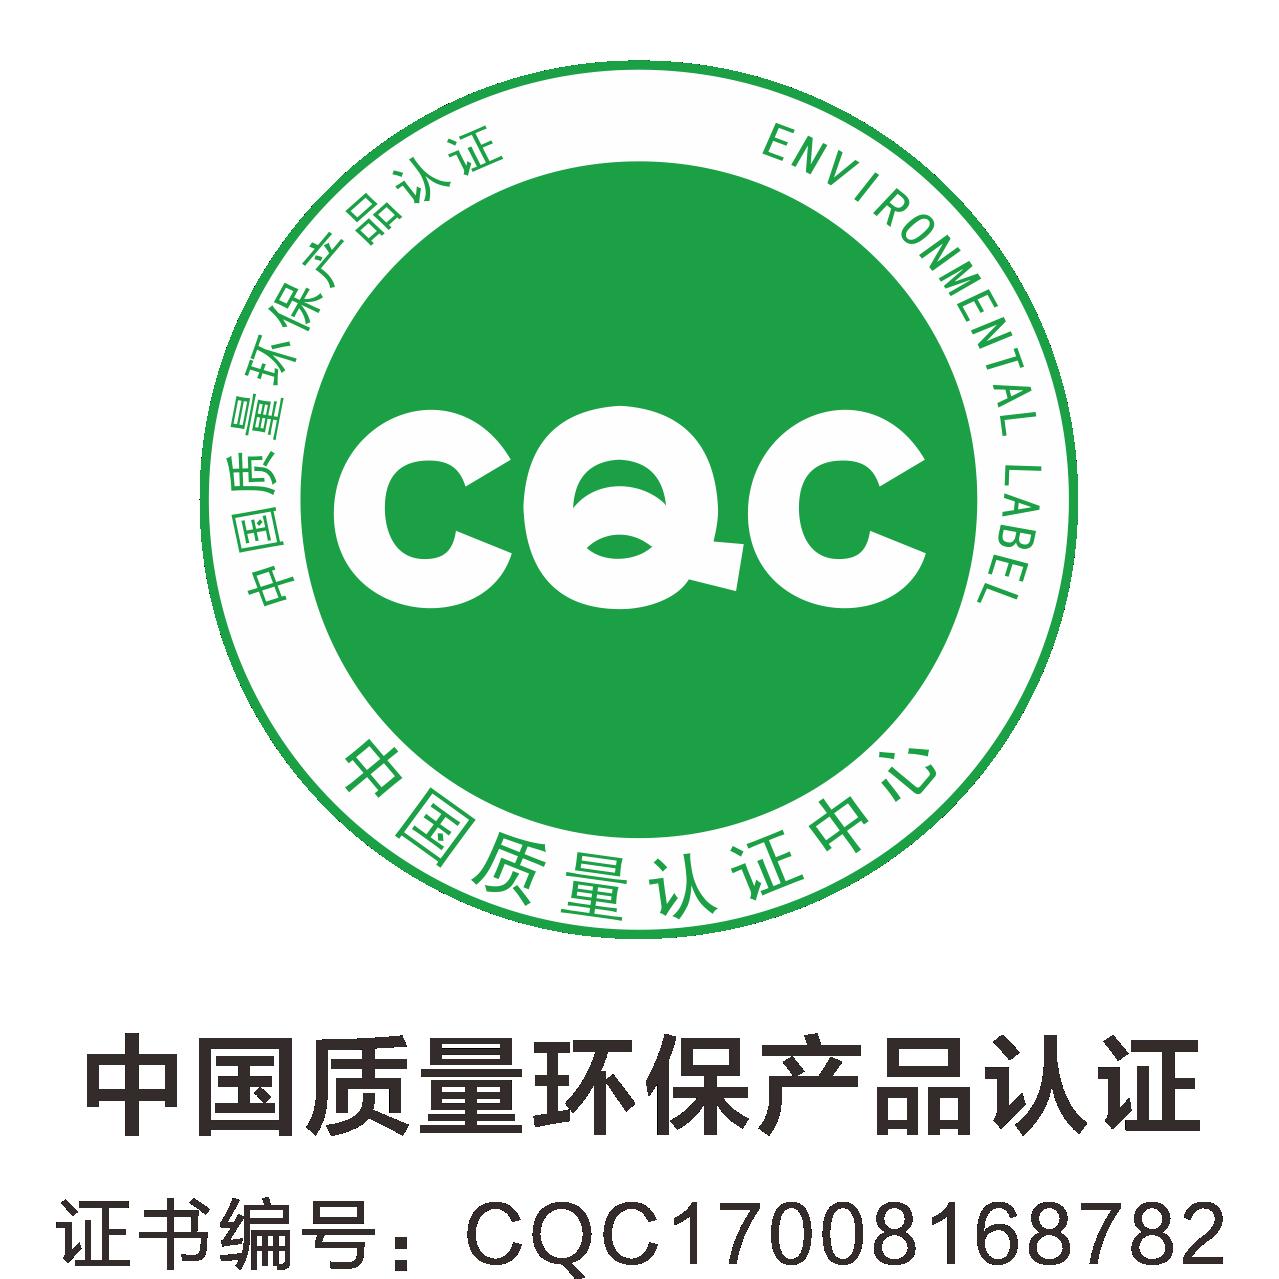 中国质量环保产品保证